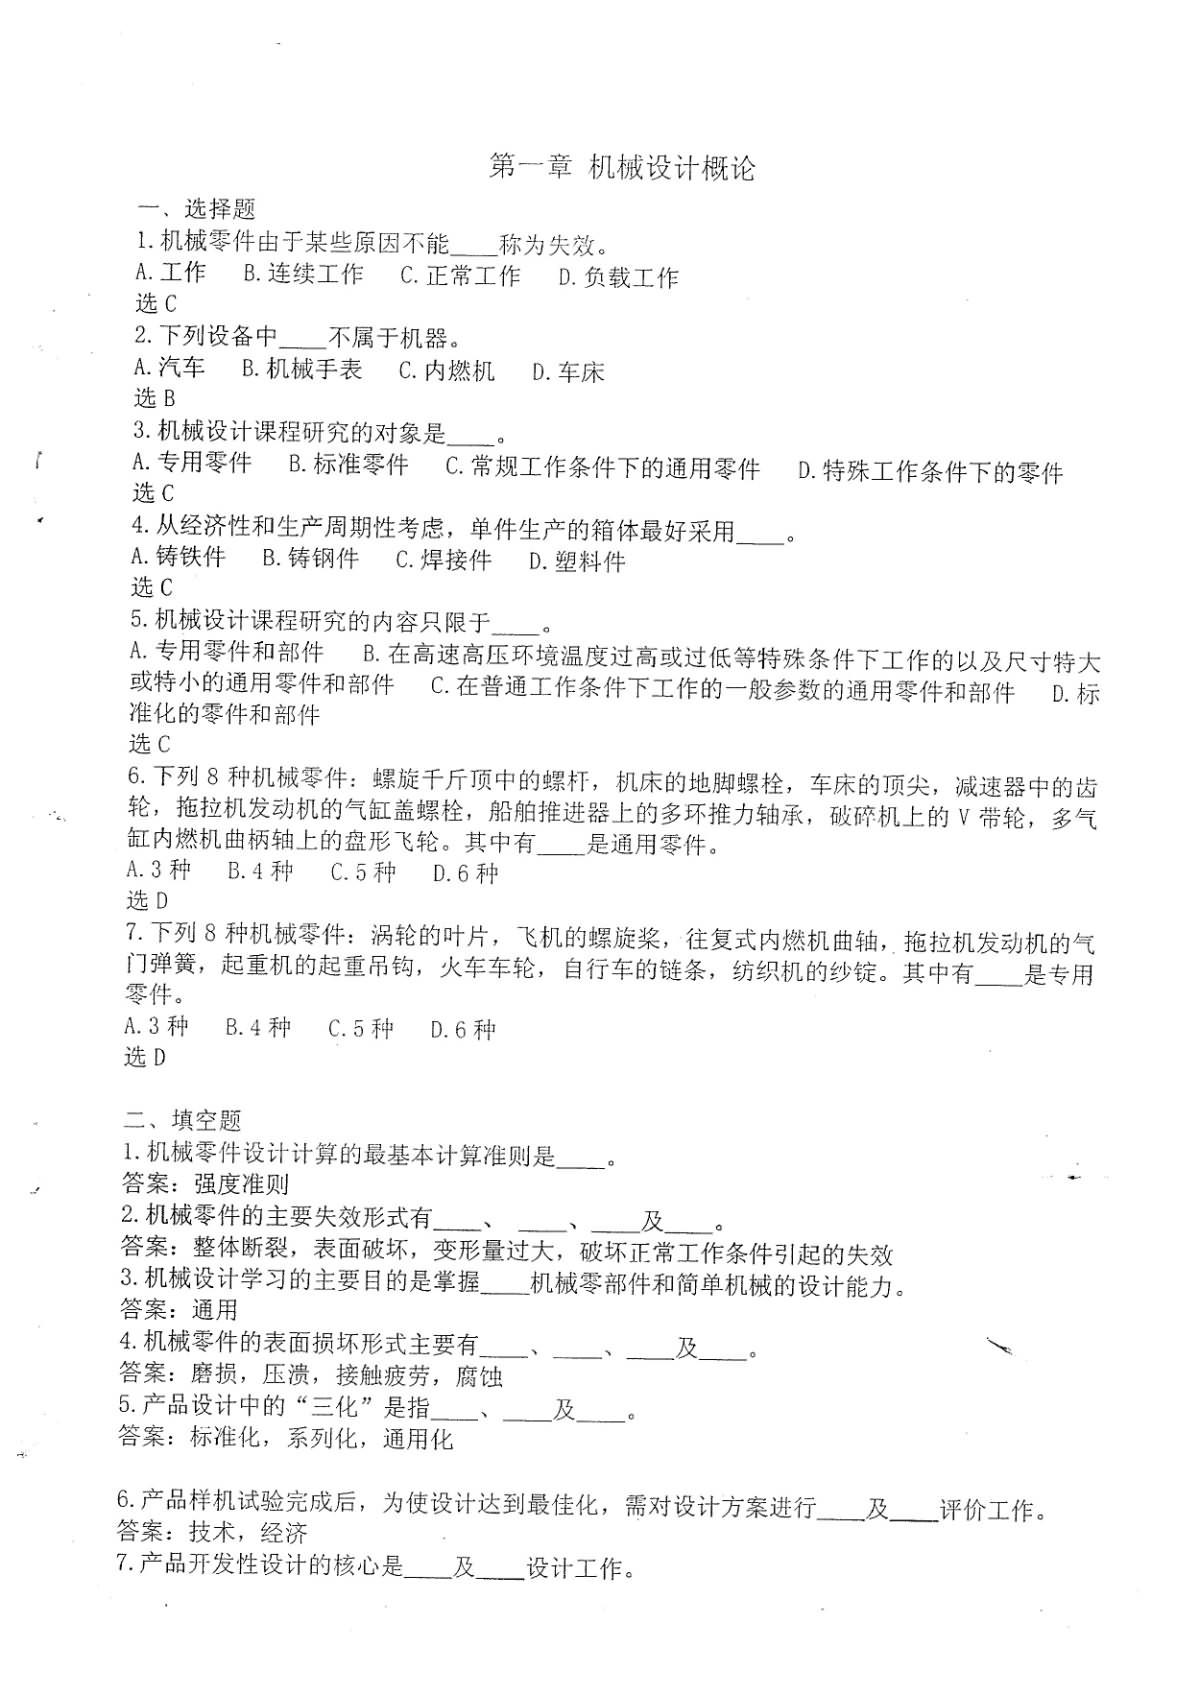 河海大学机械设计大豆卖的扯淡资料0000.jpg